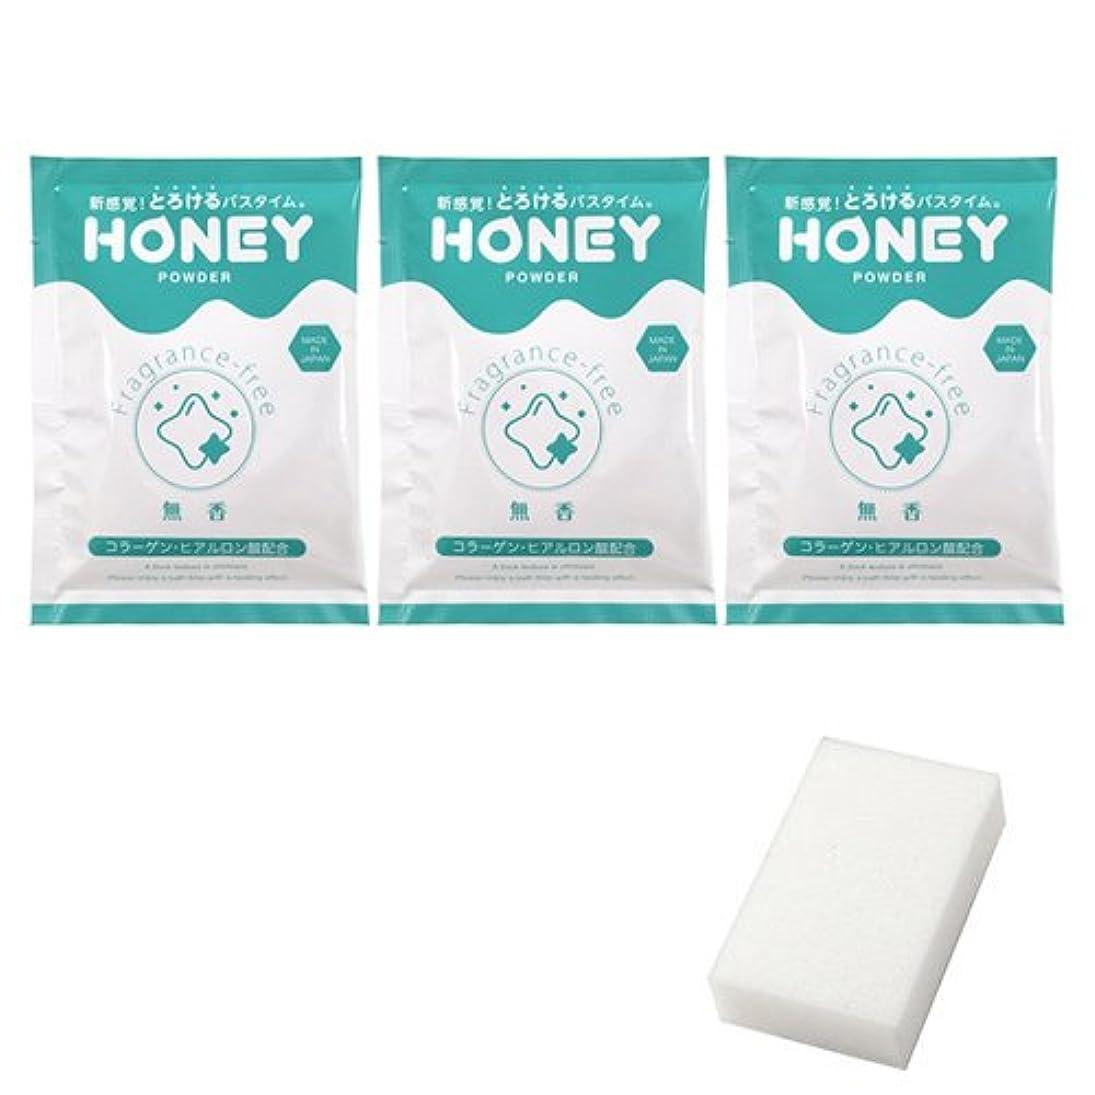 夫婦神話境界とろとろ入浴剤【honey powder】(ハニーパウダー) 無香タイプ 3個セット + 圧縮スポンジセット